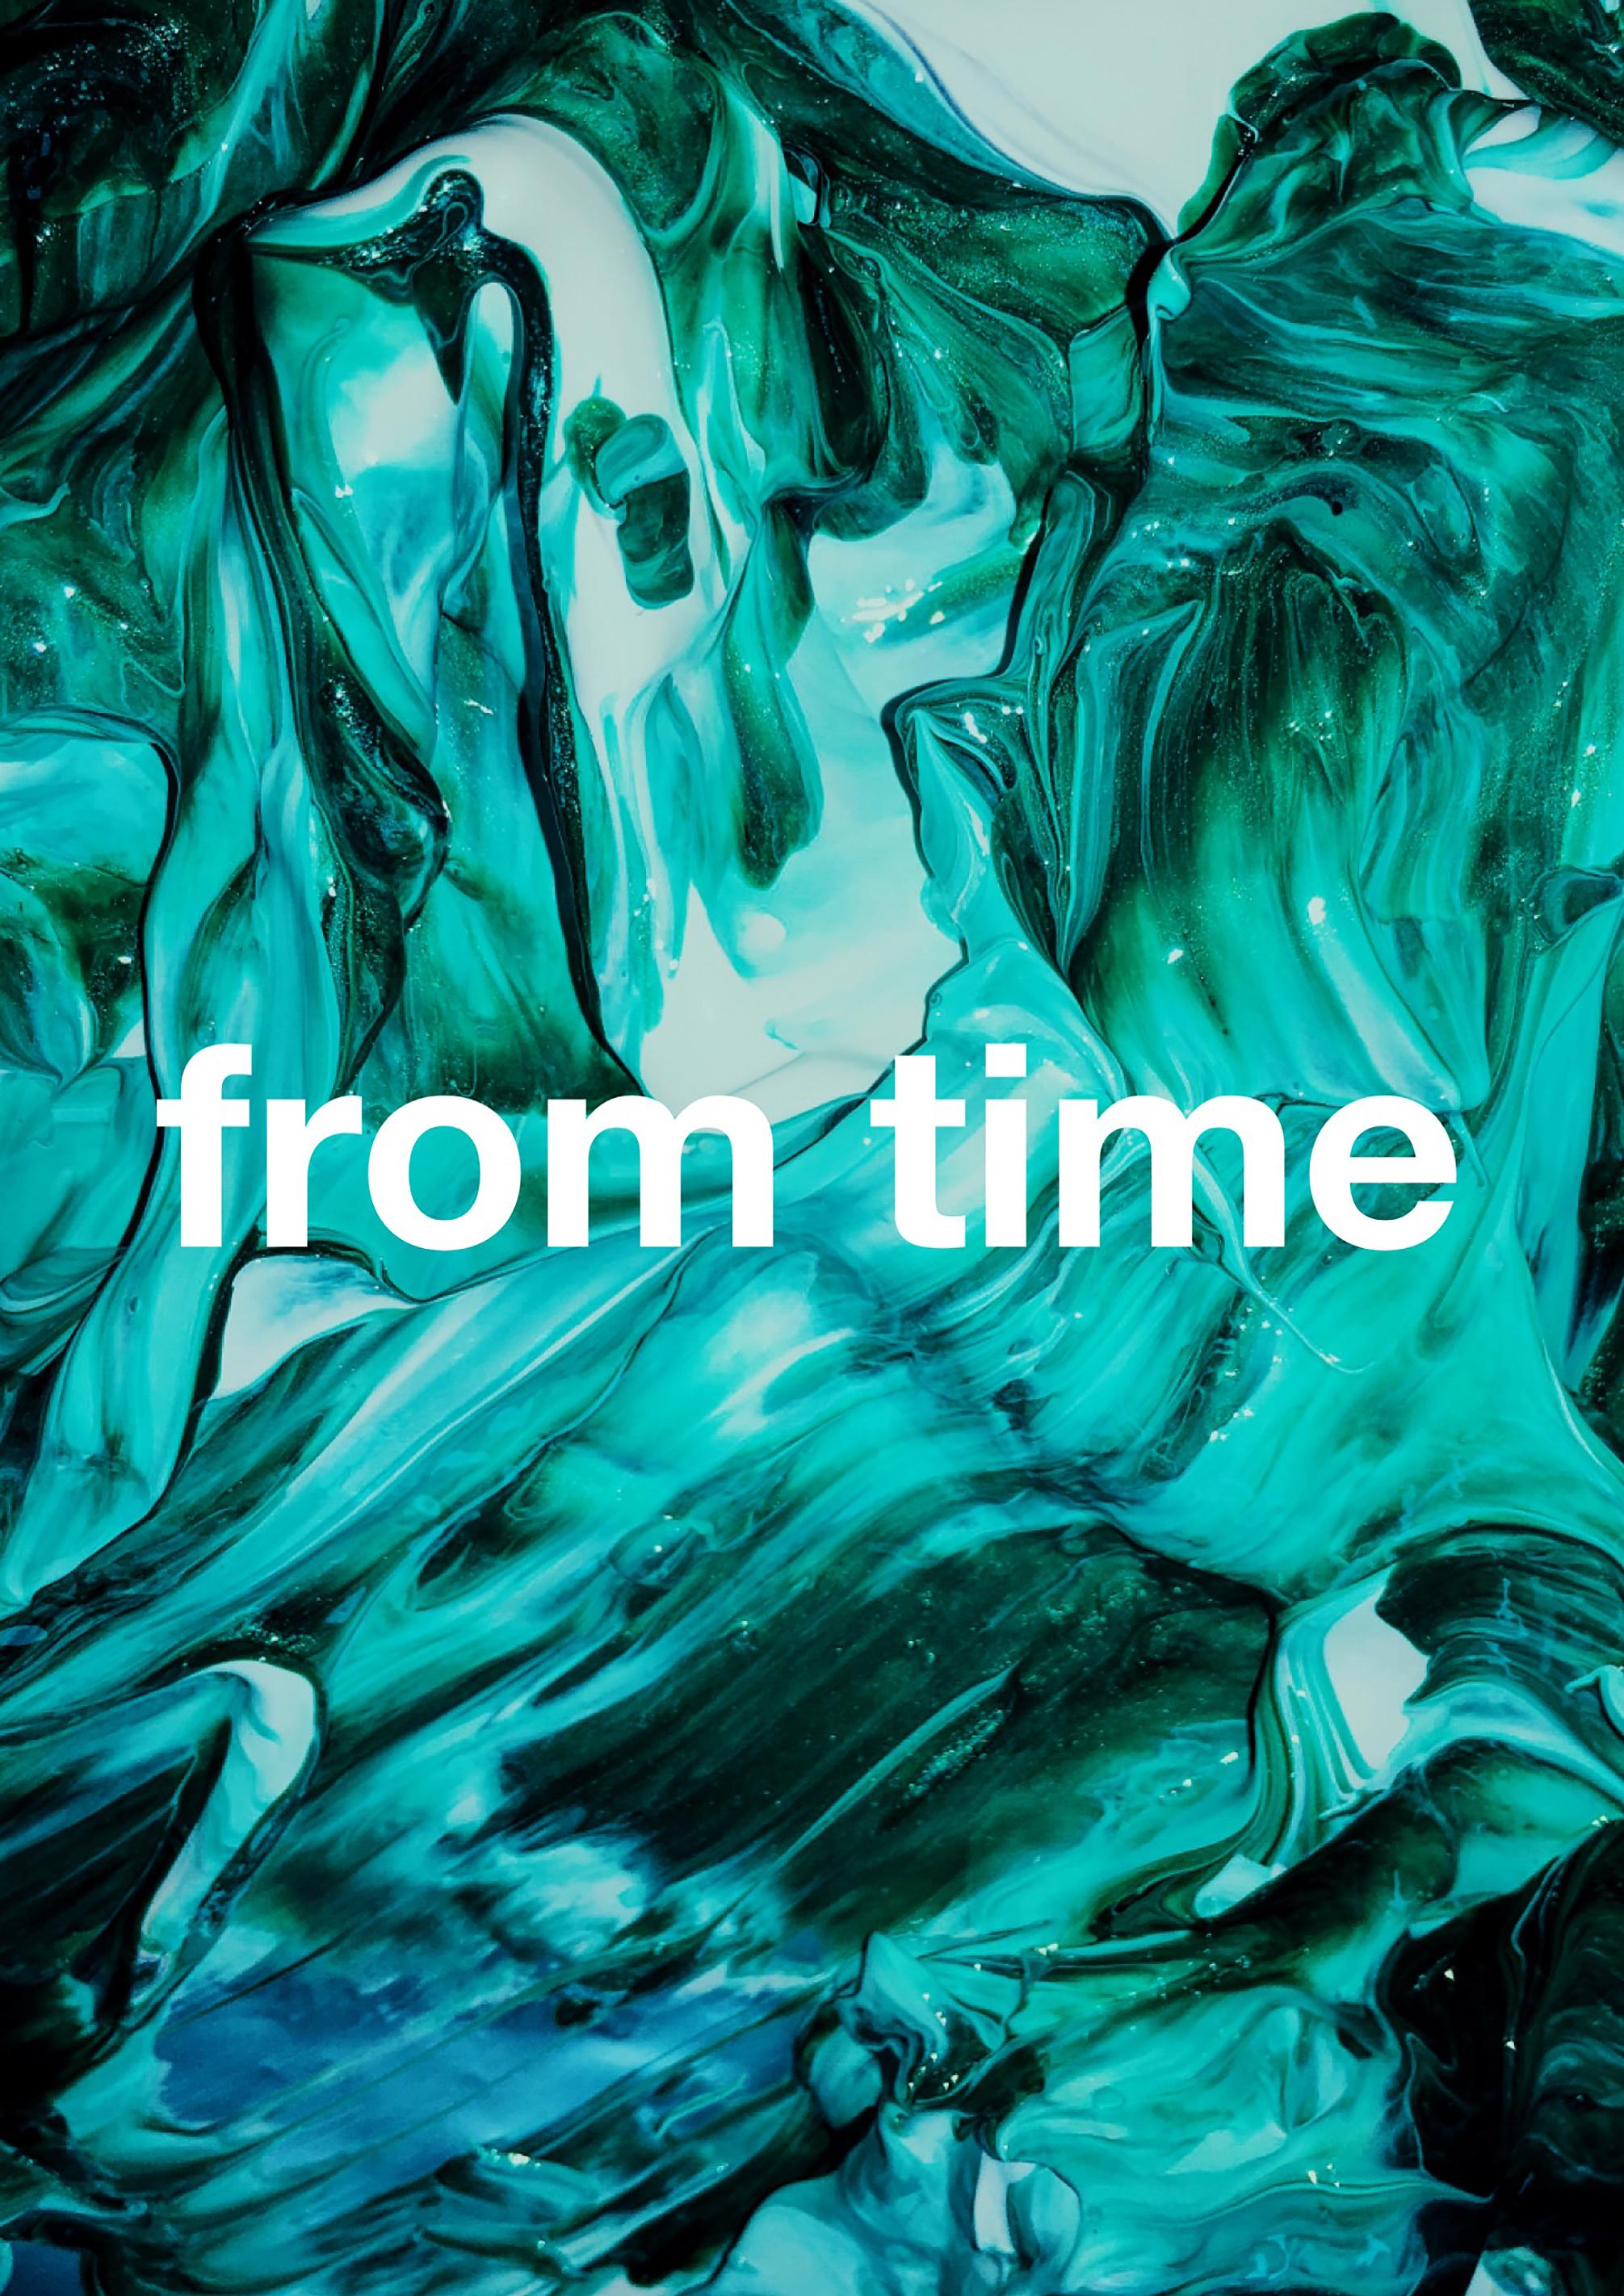 fromtime.jpg